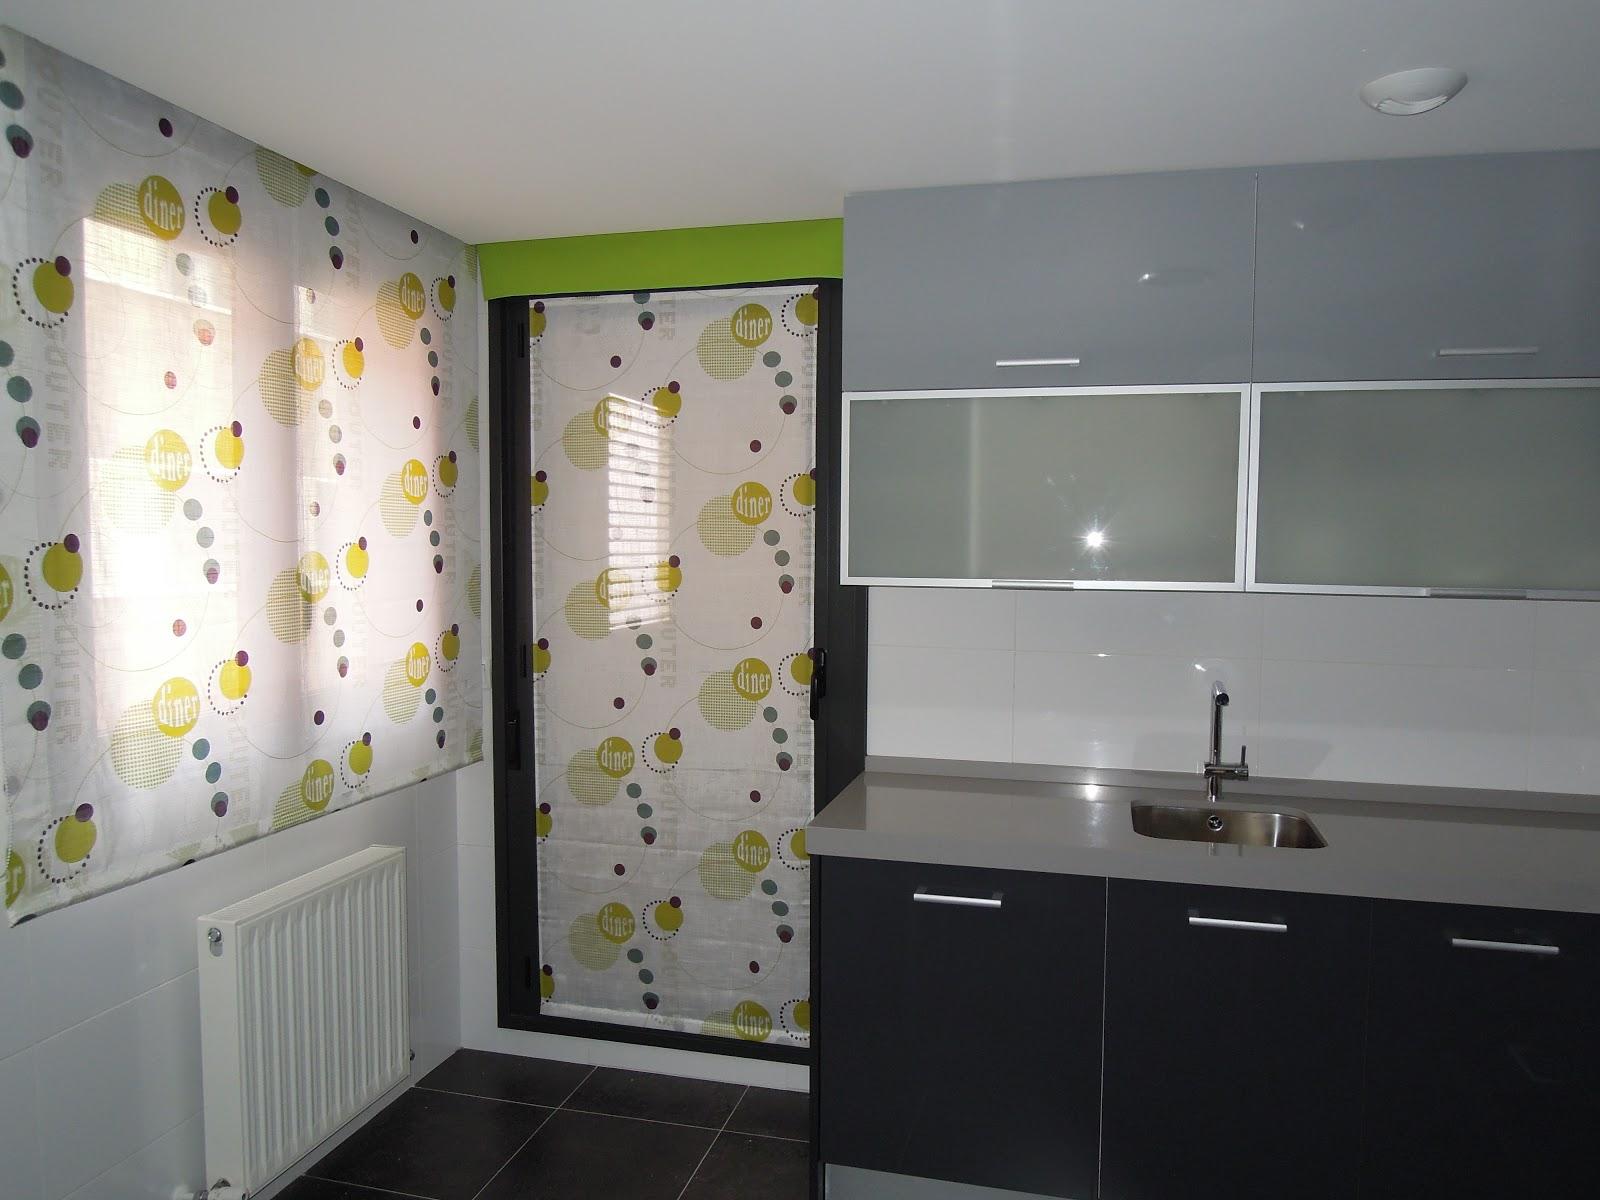 Fotos de cortinas cocina 2013 - Estores con caidas ...